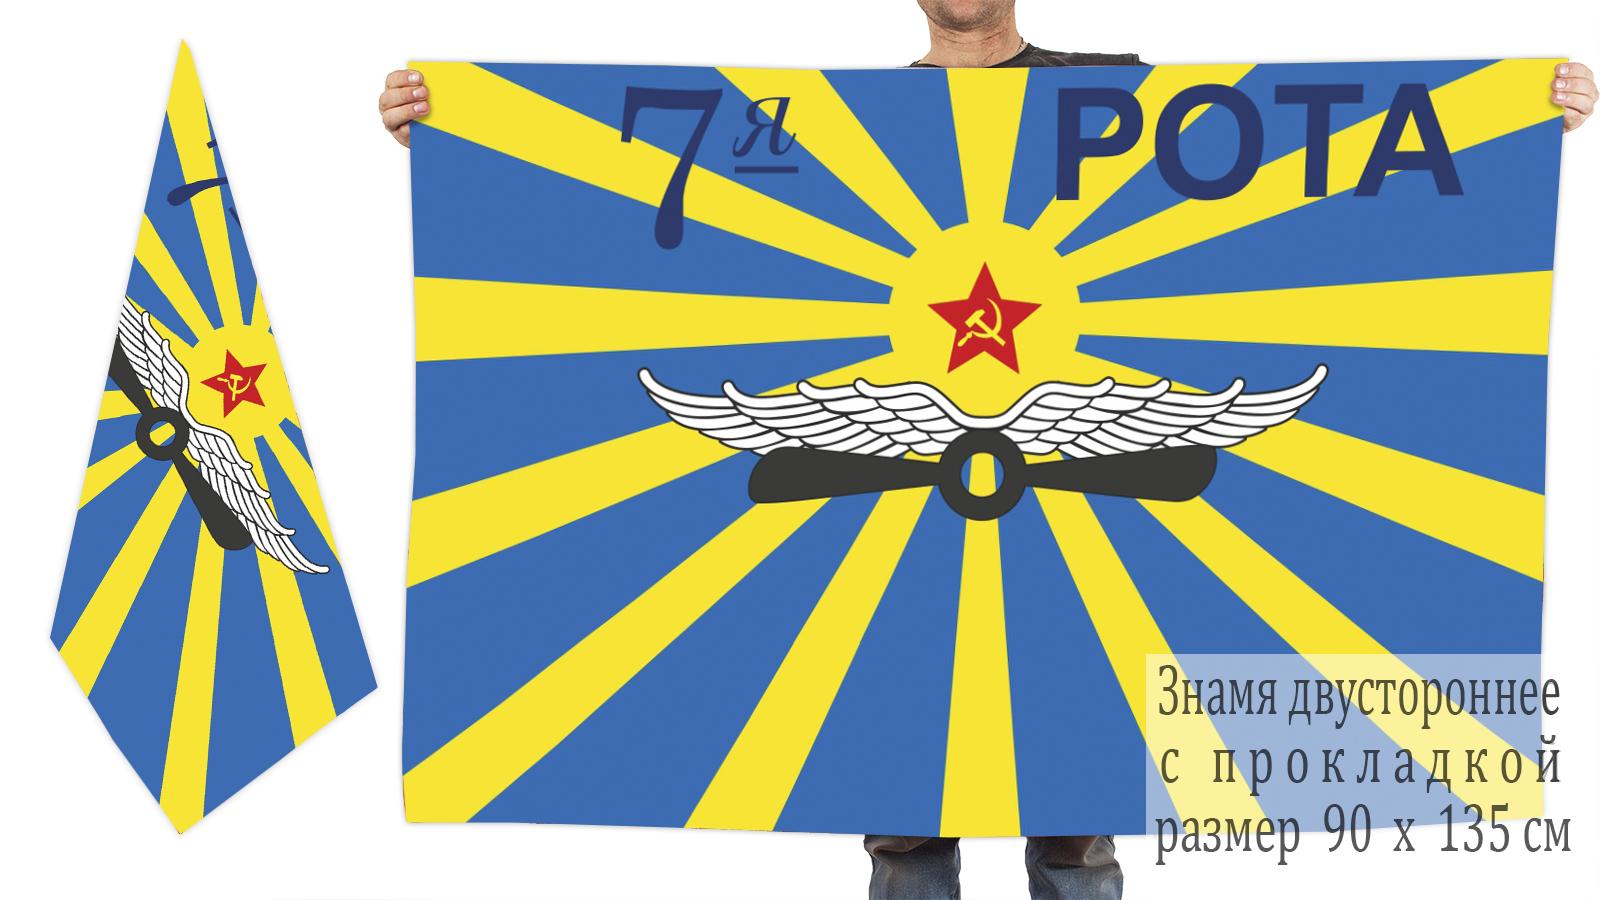 Купить в Москве флаг 7 рота ВВС